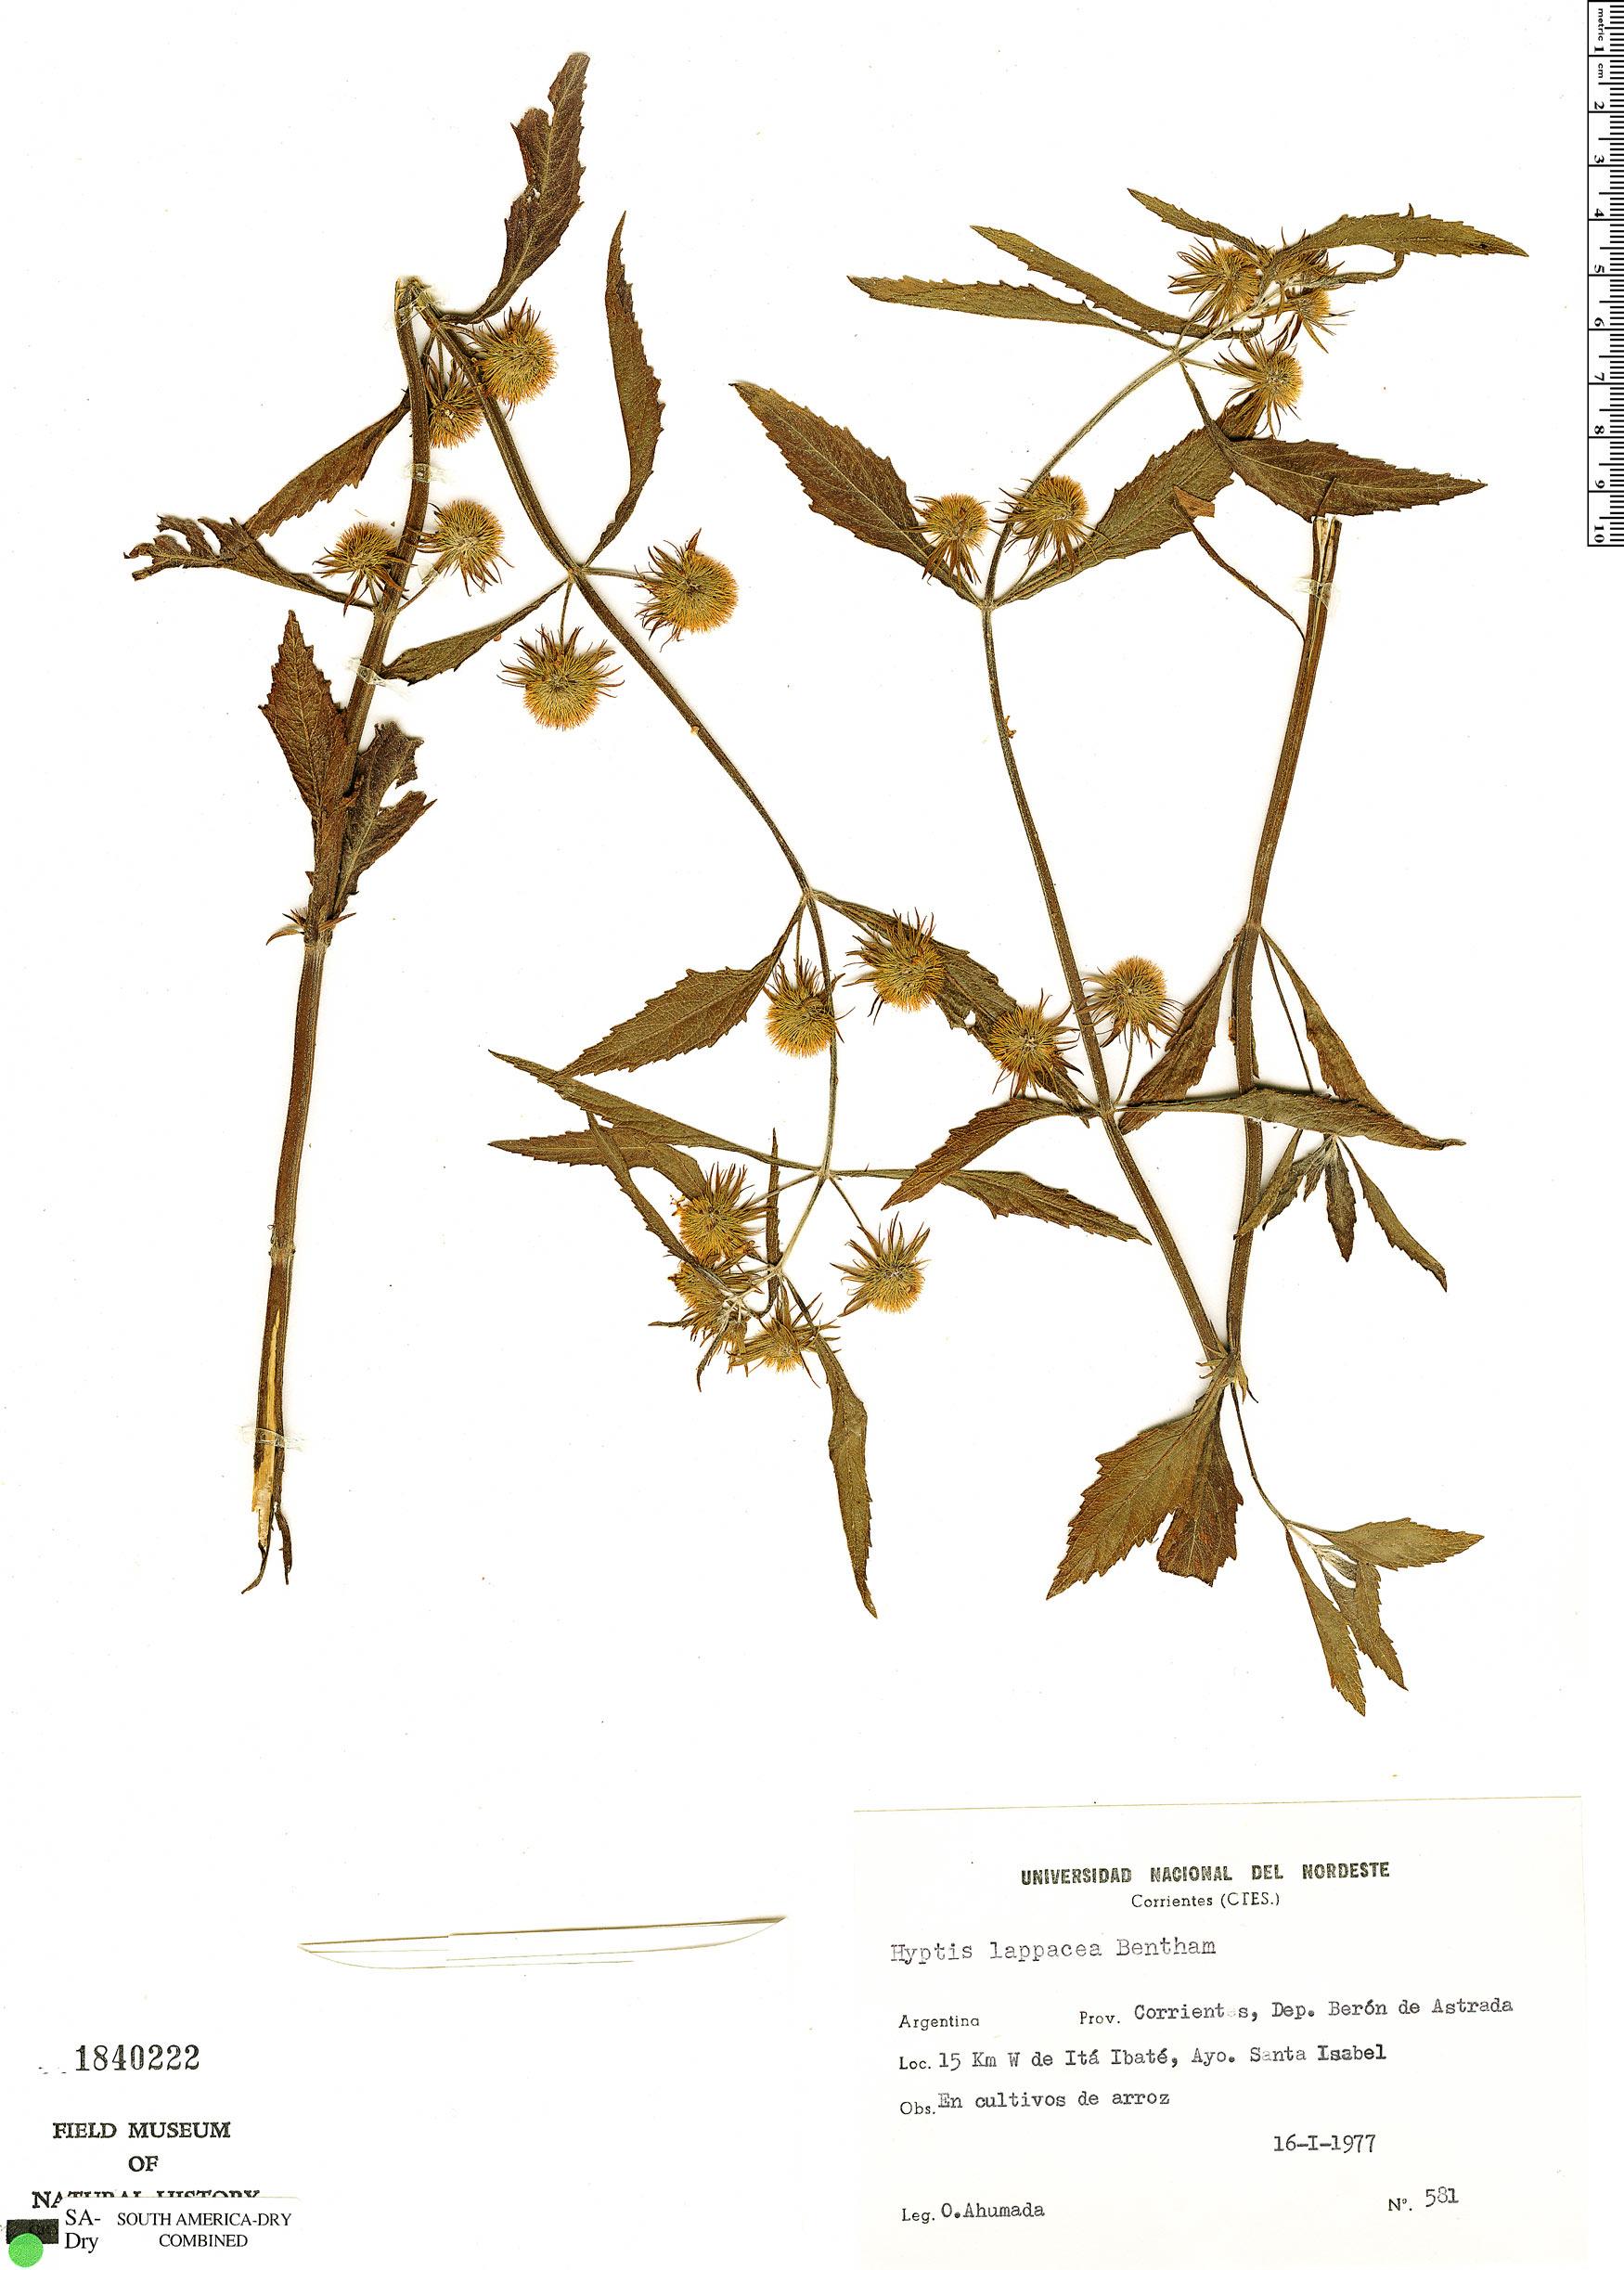 Specimen: Hyptis lappacea